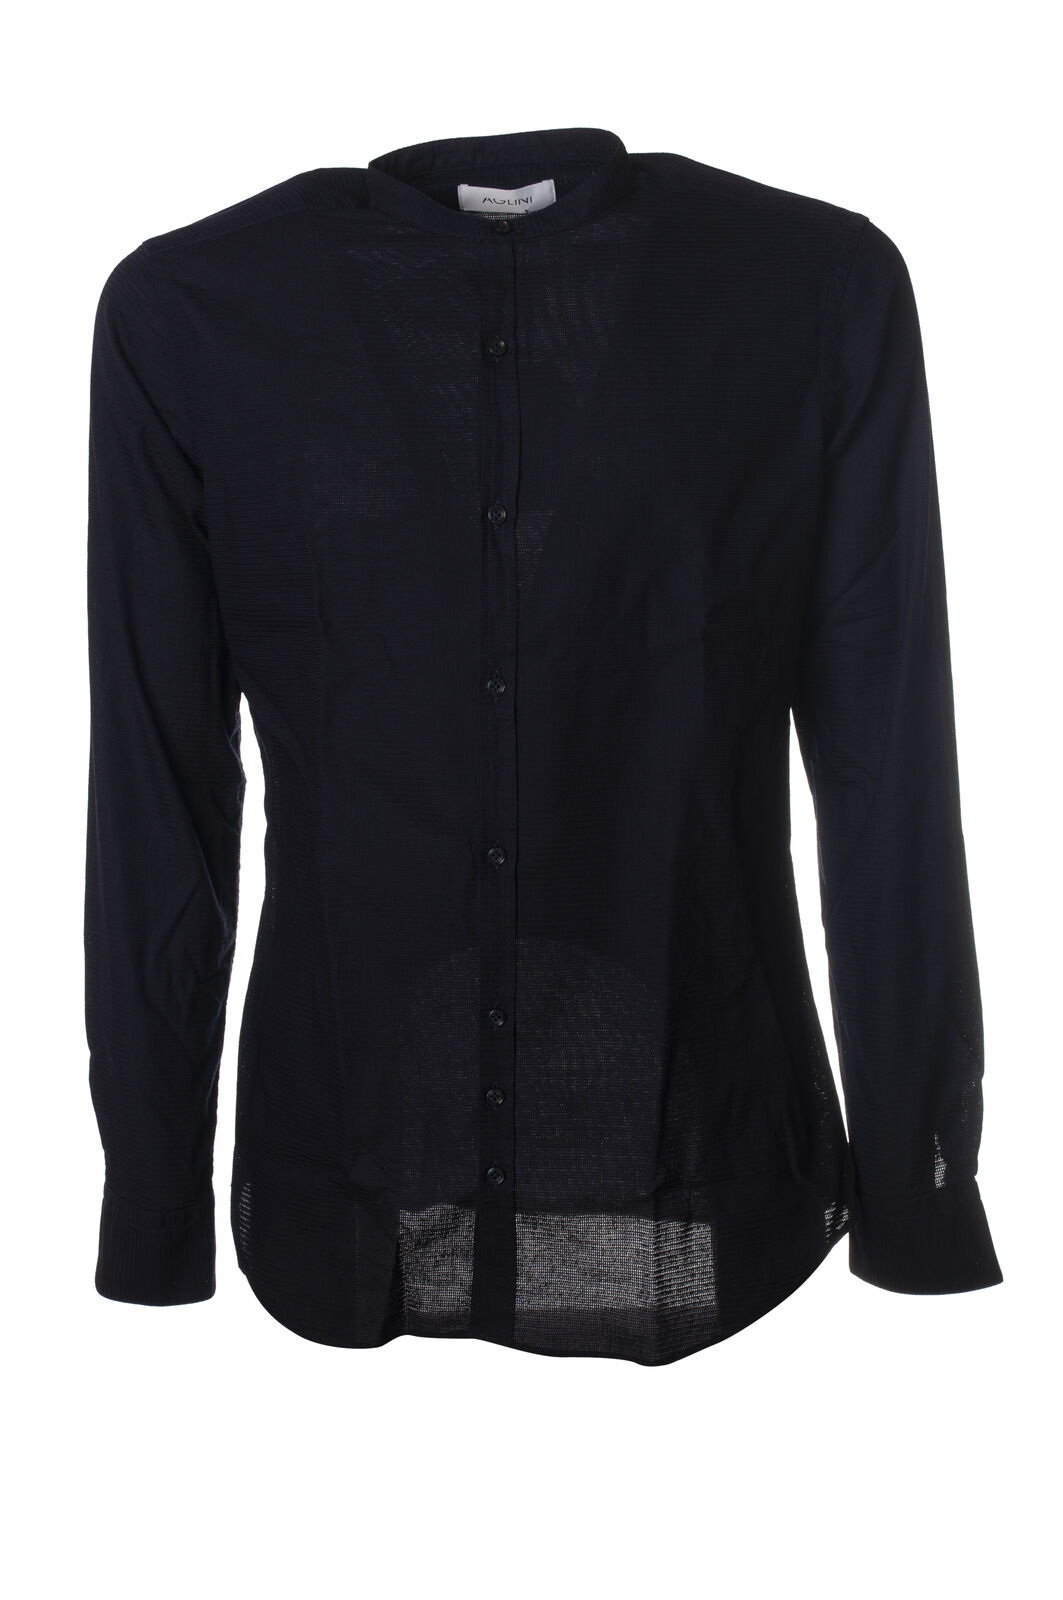 Aglini - Camicie-Camicia - Uomo - Blu - 6082421C190948